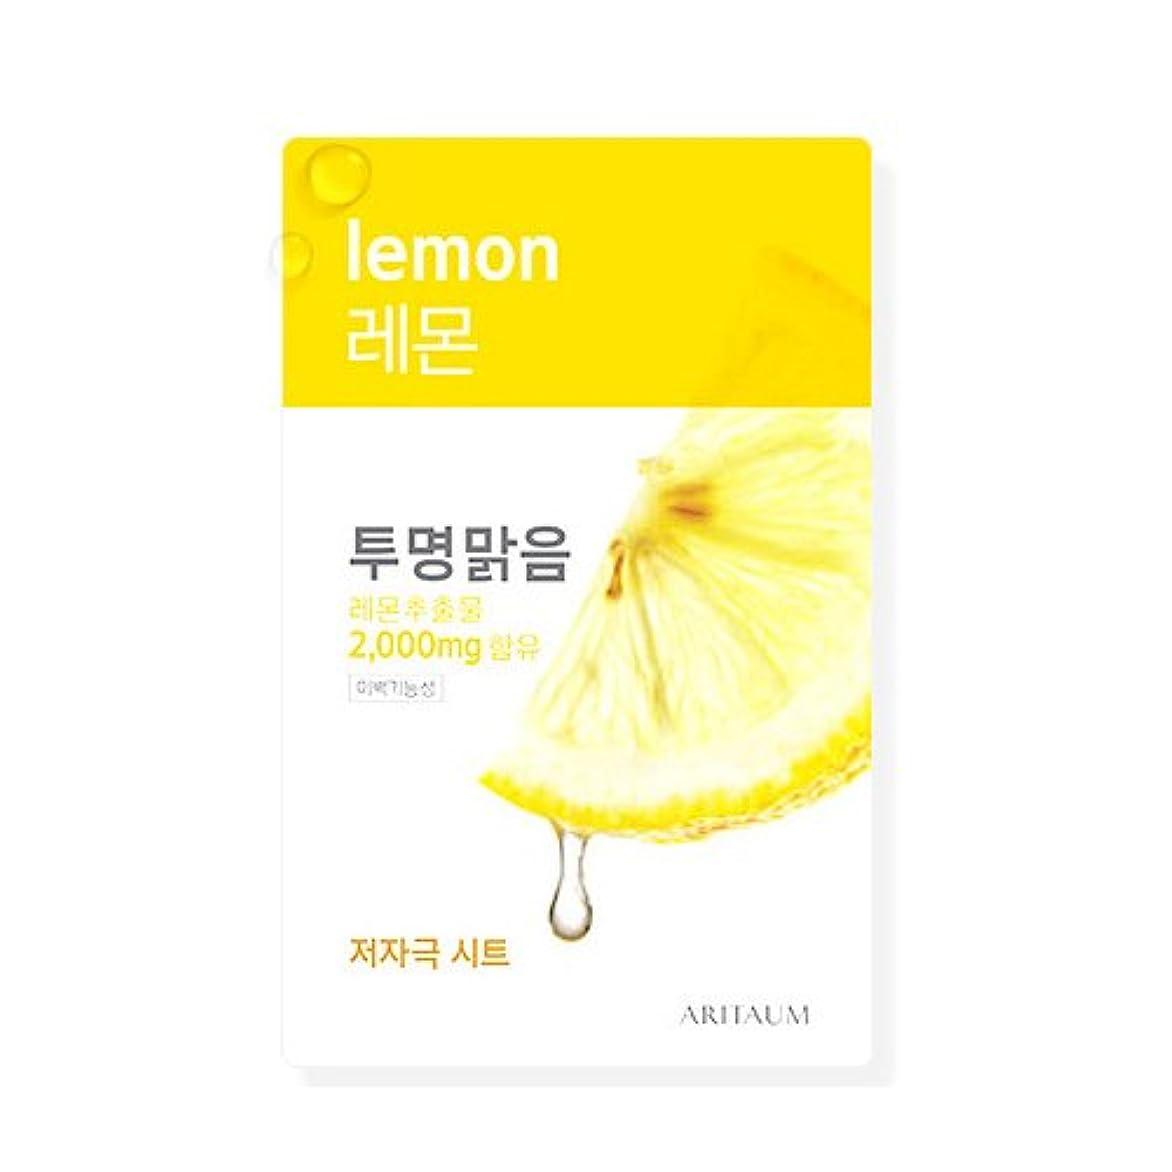 届ける塗抹持参Aritaum(アリタウム)フレッシュ エッセンス マスク(1回分×10枚セット)種類:レモン